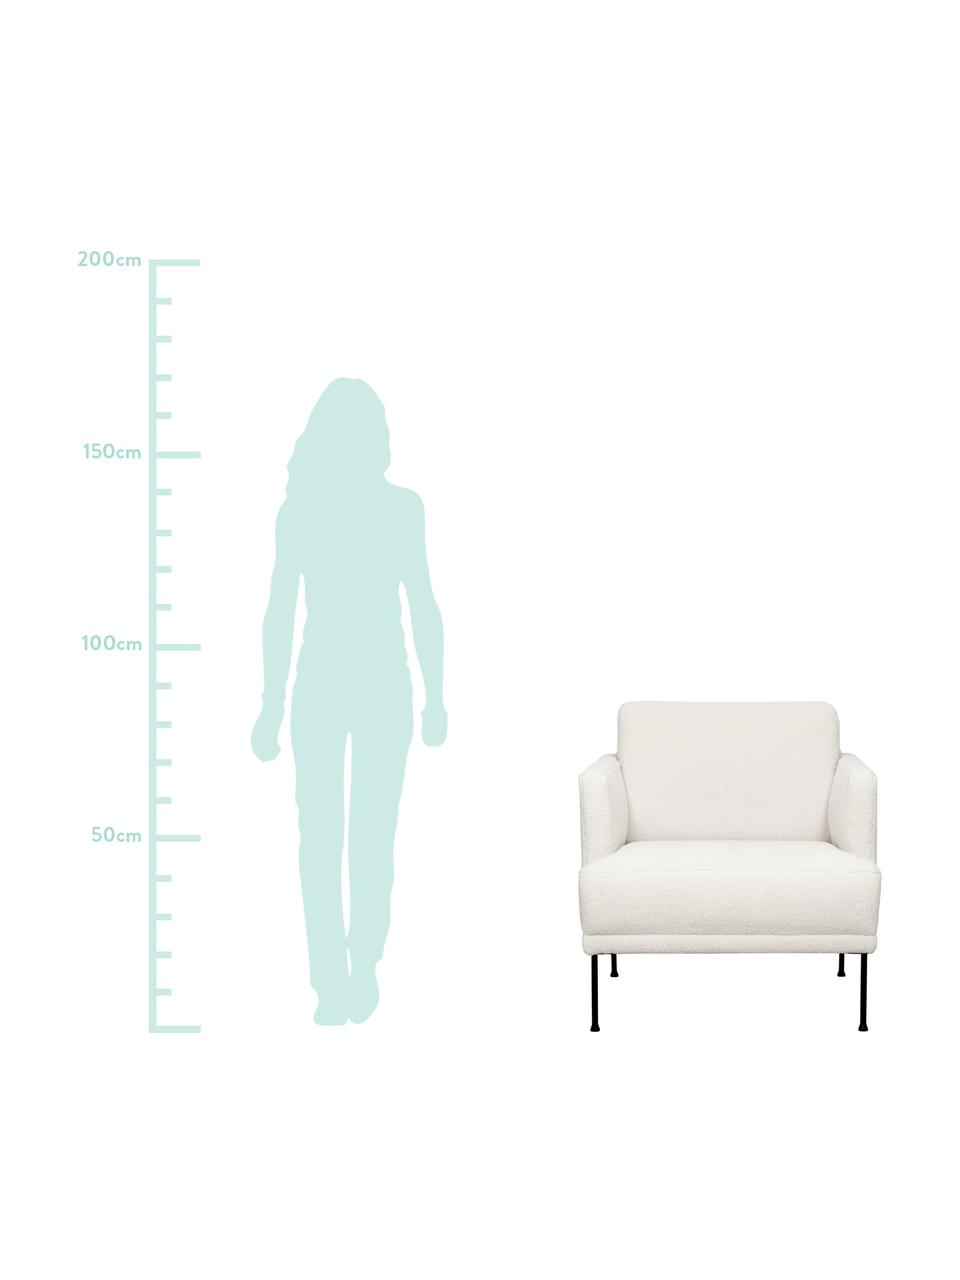 Fotel z metalowymi nogami Teddy Fluente, Tapicerka: 100% poliester (Teddy) Dz, Nogi: metal malowany proszkowo, Kremowobiały teddy, S 74 x G 85 cm